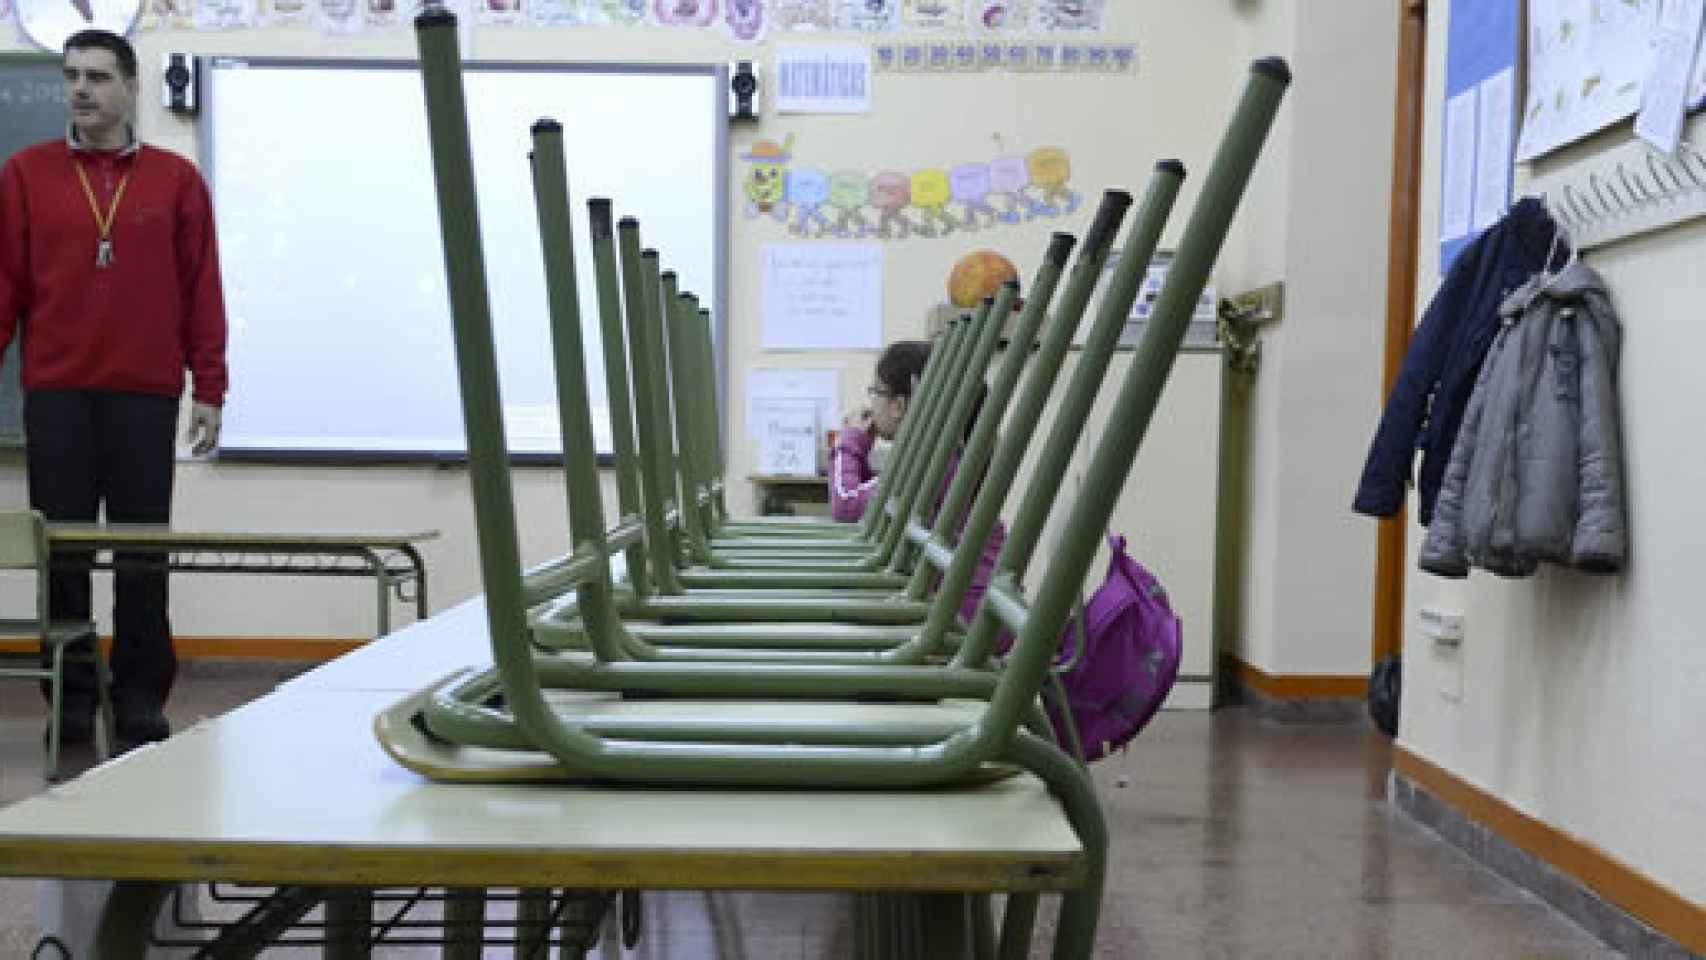 La huelga llama a vacias las clases desde Infantil hasta la Universidad